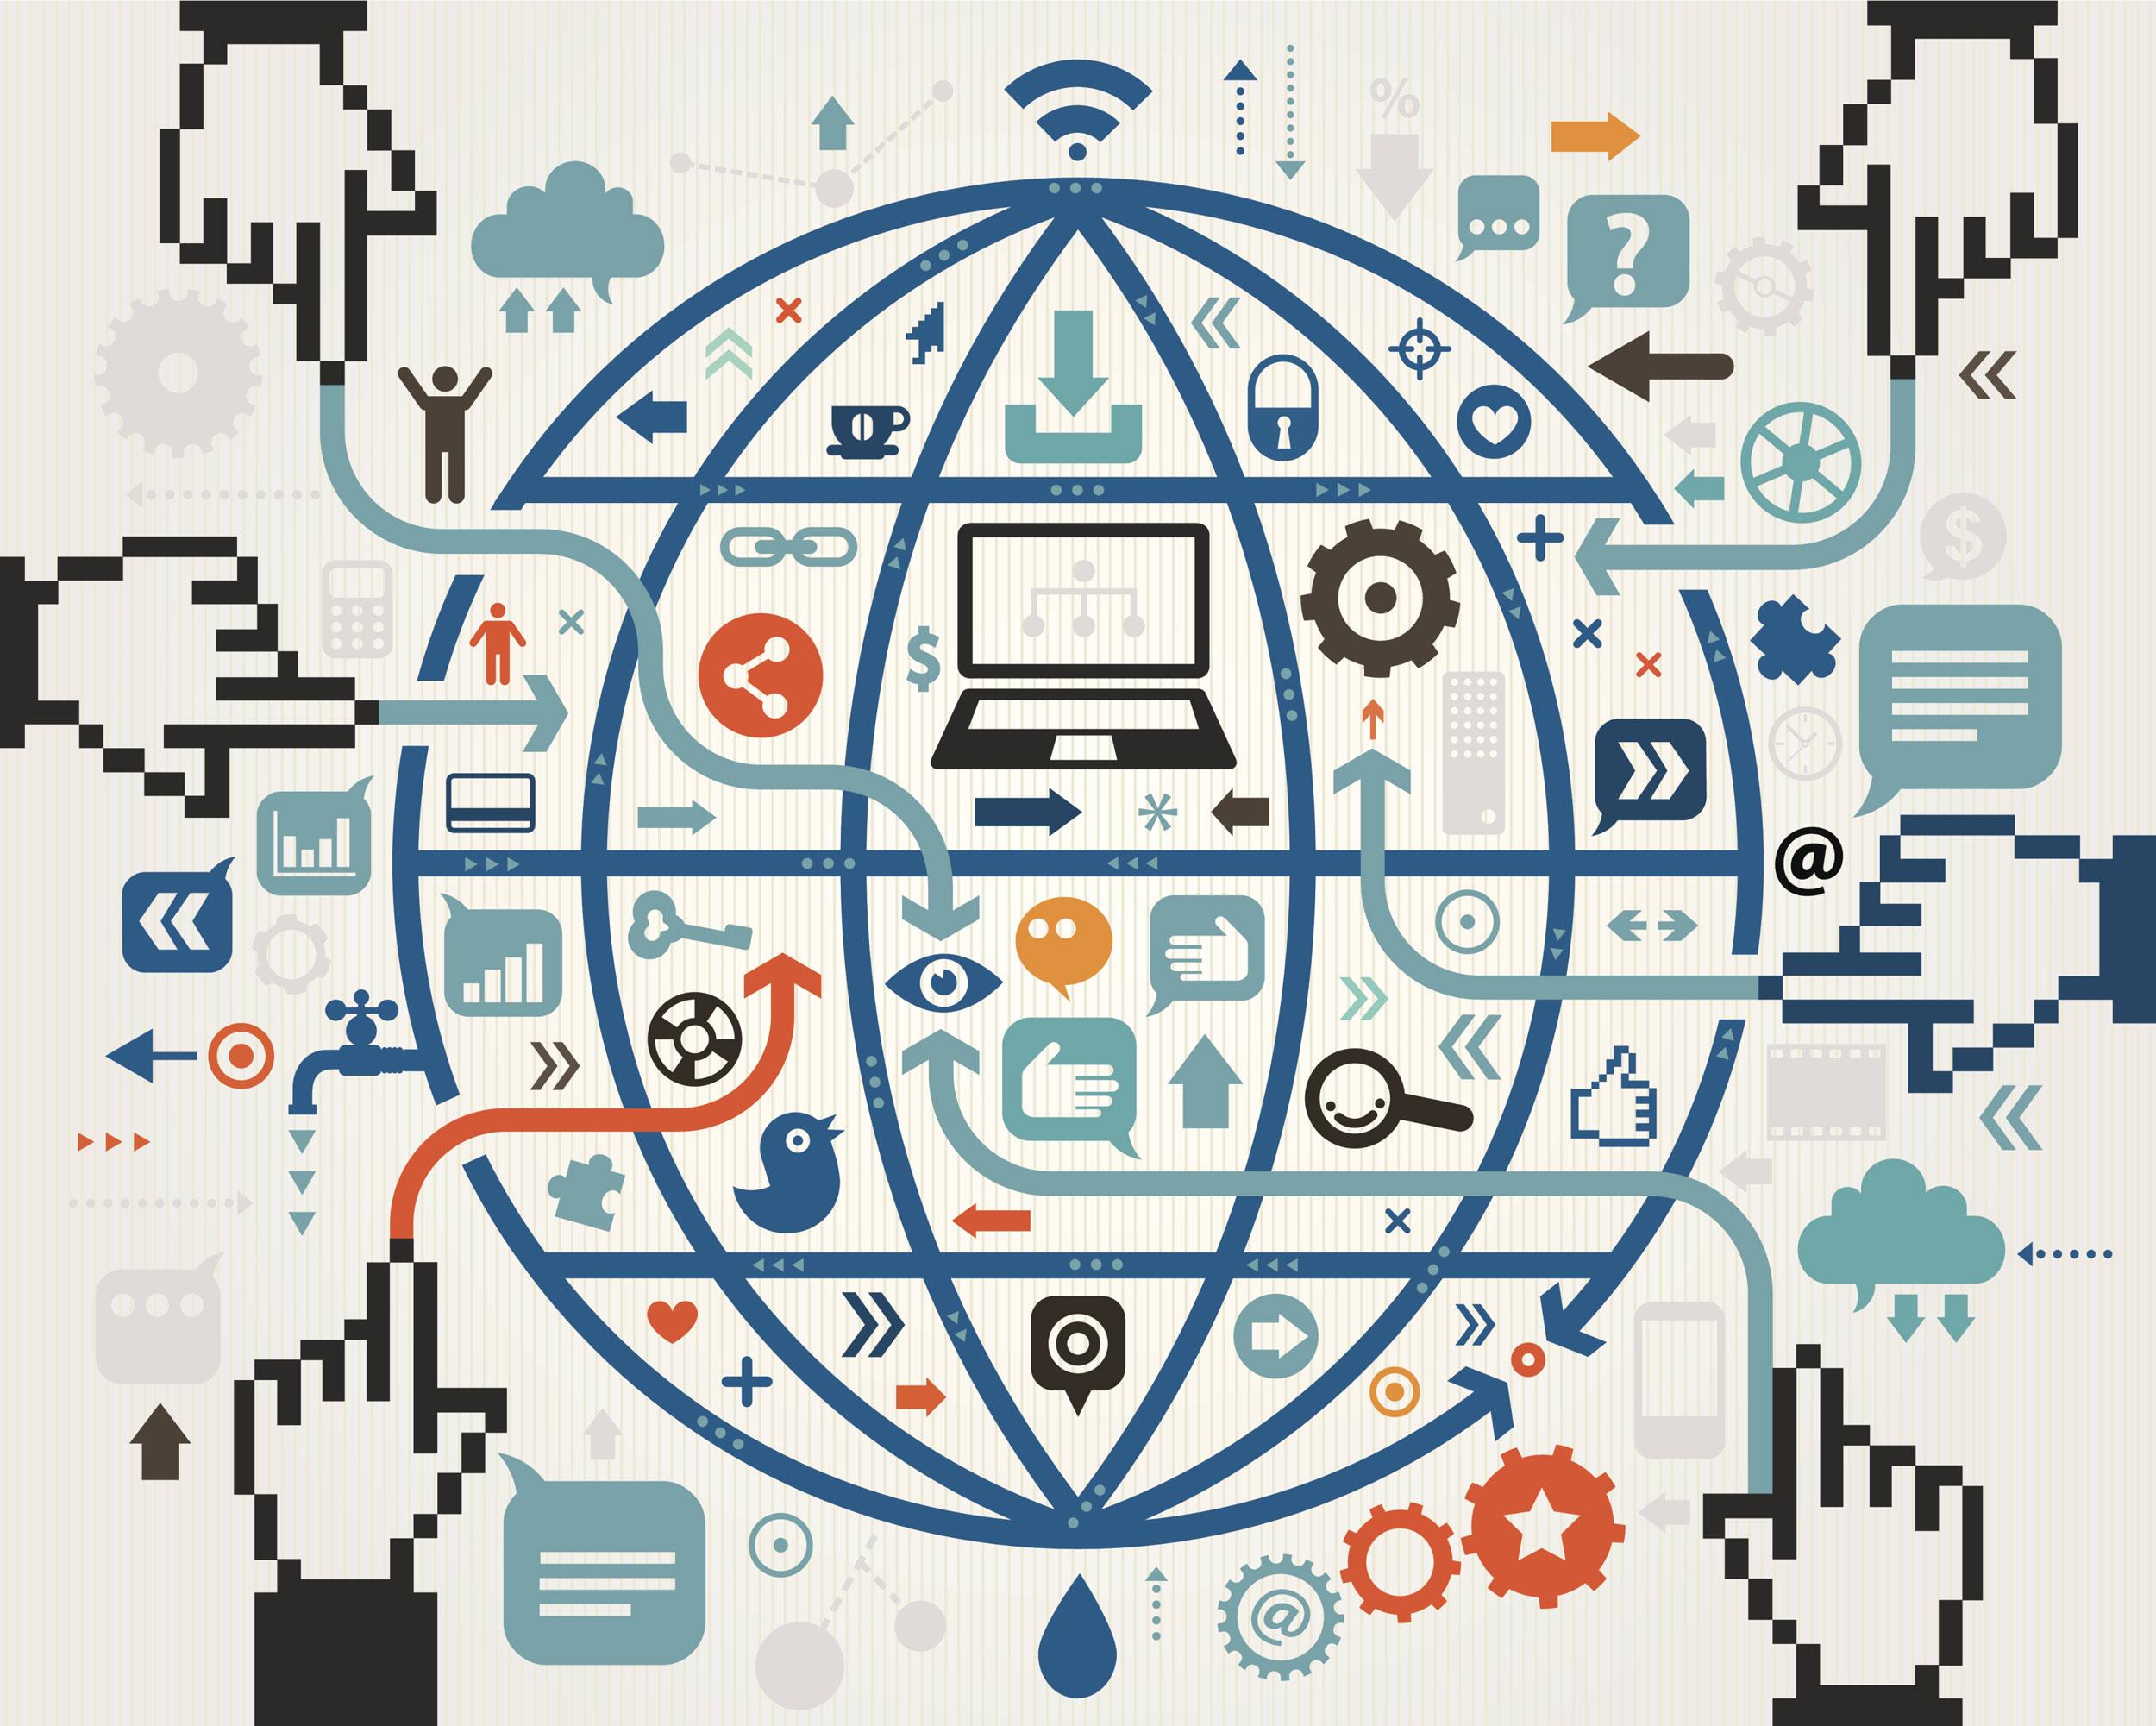 Ilustração sobre a internet e neutralidade da rede